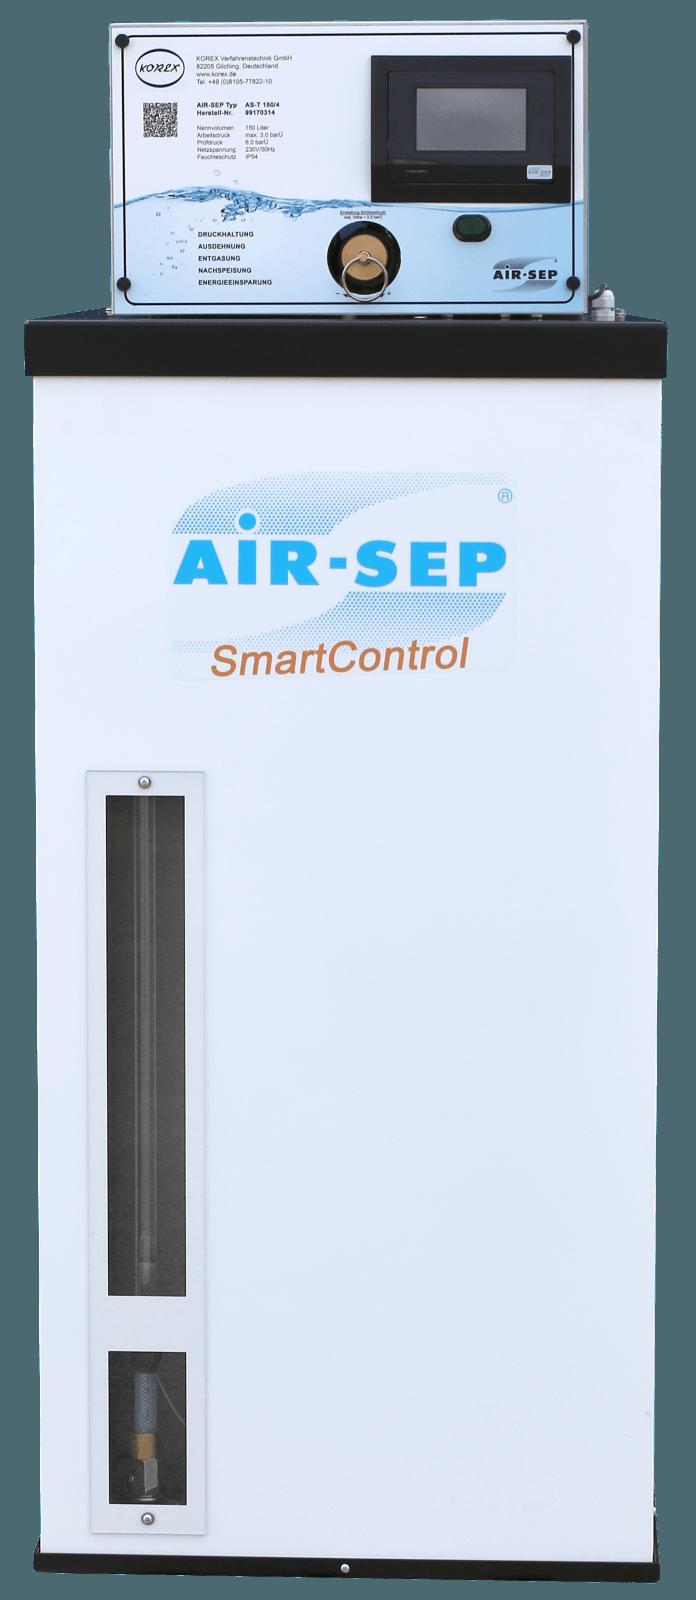 AIR-SEP AS-T korex benelux